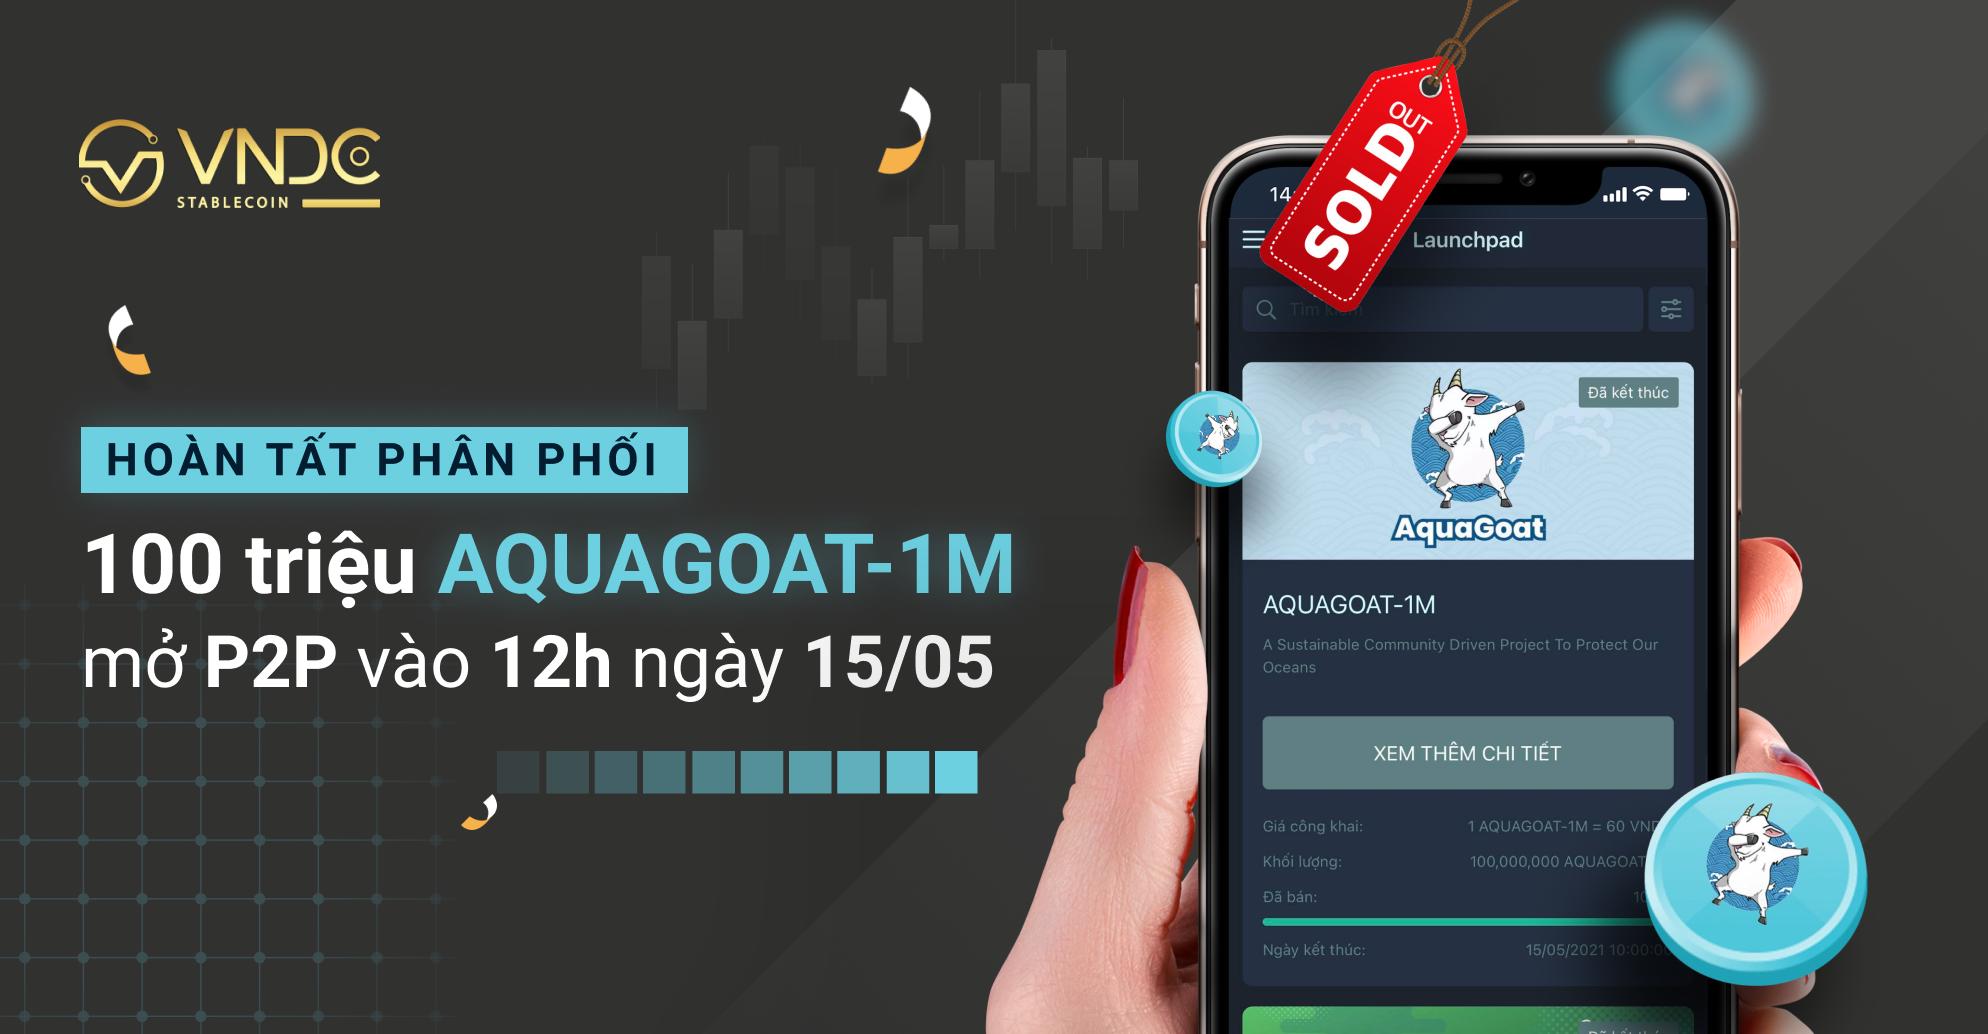 Hoàn tất phân phối 100 triệu AQUAGOAT-1M sau 4 phút, mở giao dịch P2P từ 12:00 hôm nay (15/05)